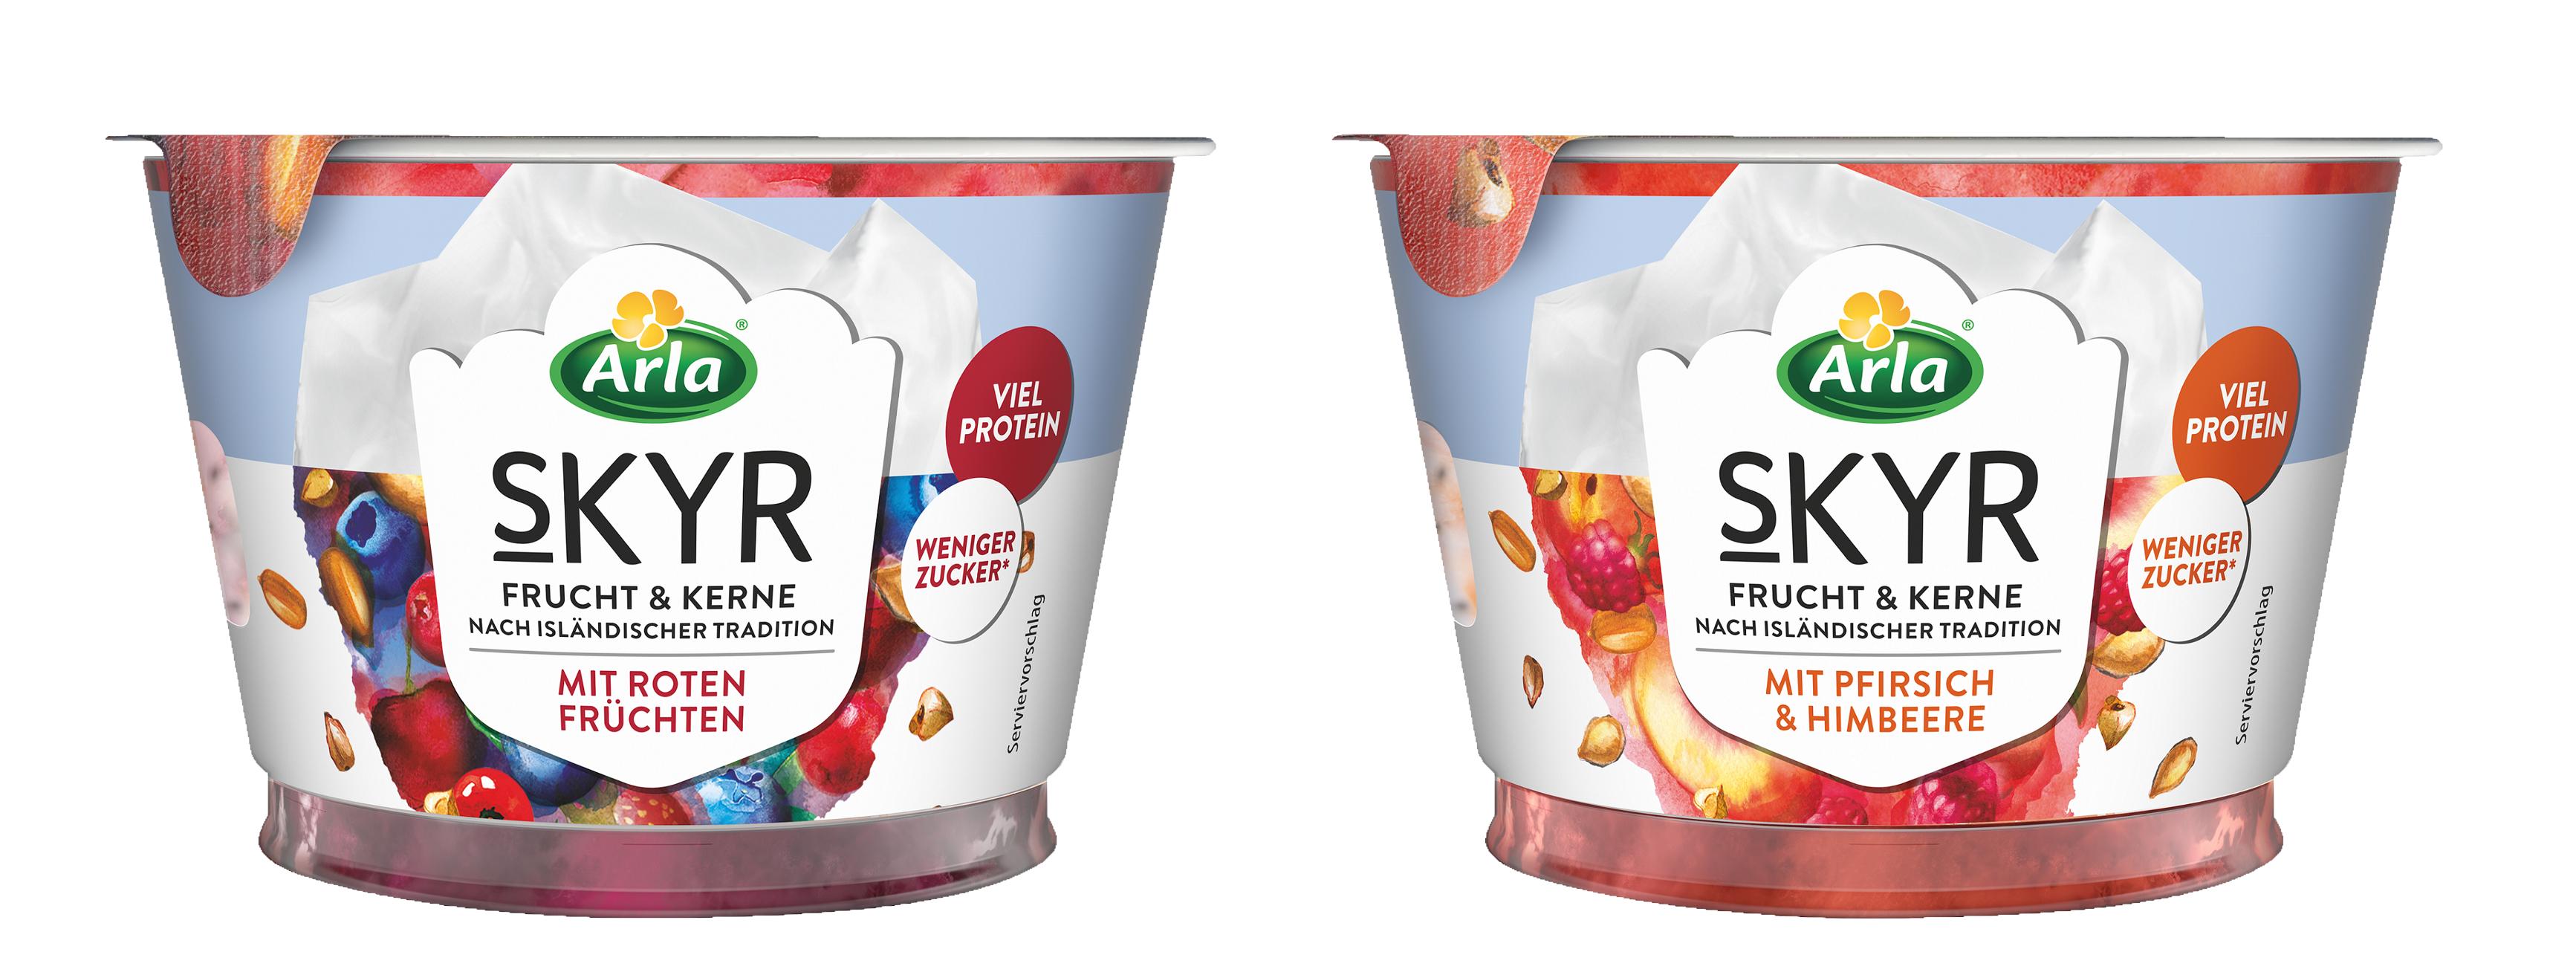 Neu: Arla Skyr Frucht & Kerne – die besondere Zwischenmahlzeit mit extra 'Biss'